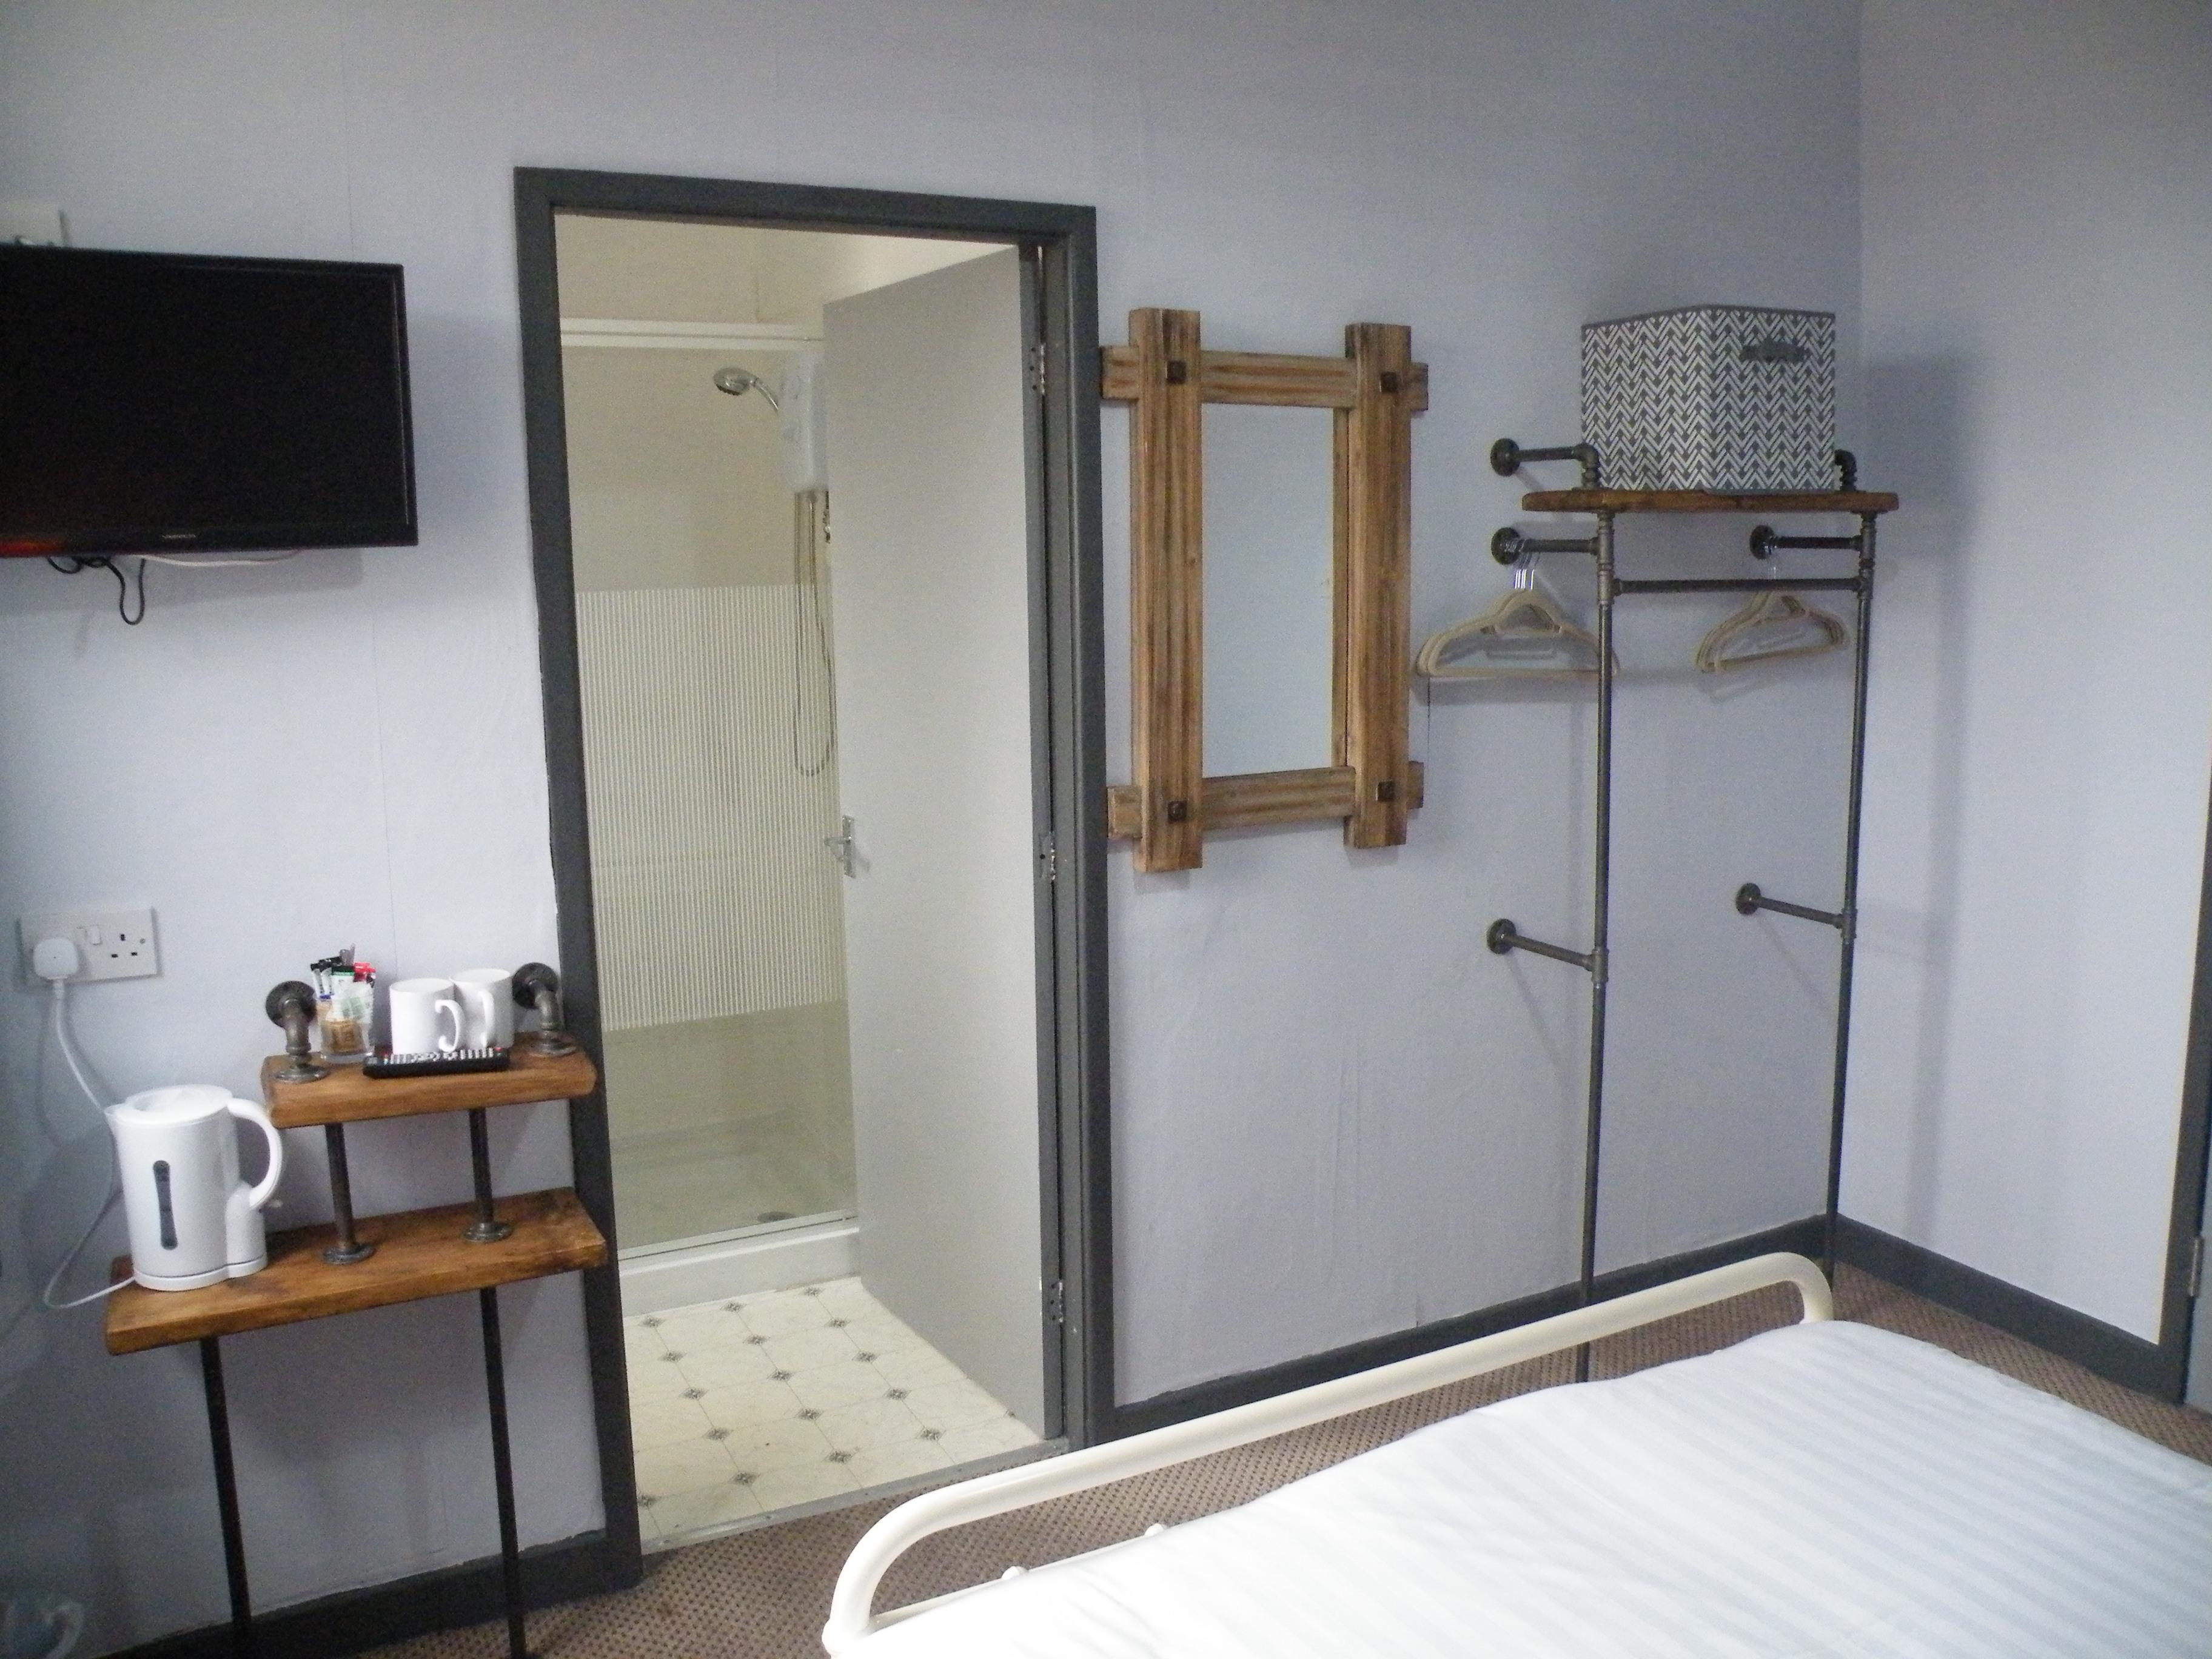 New Double Room